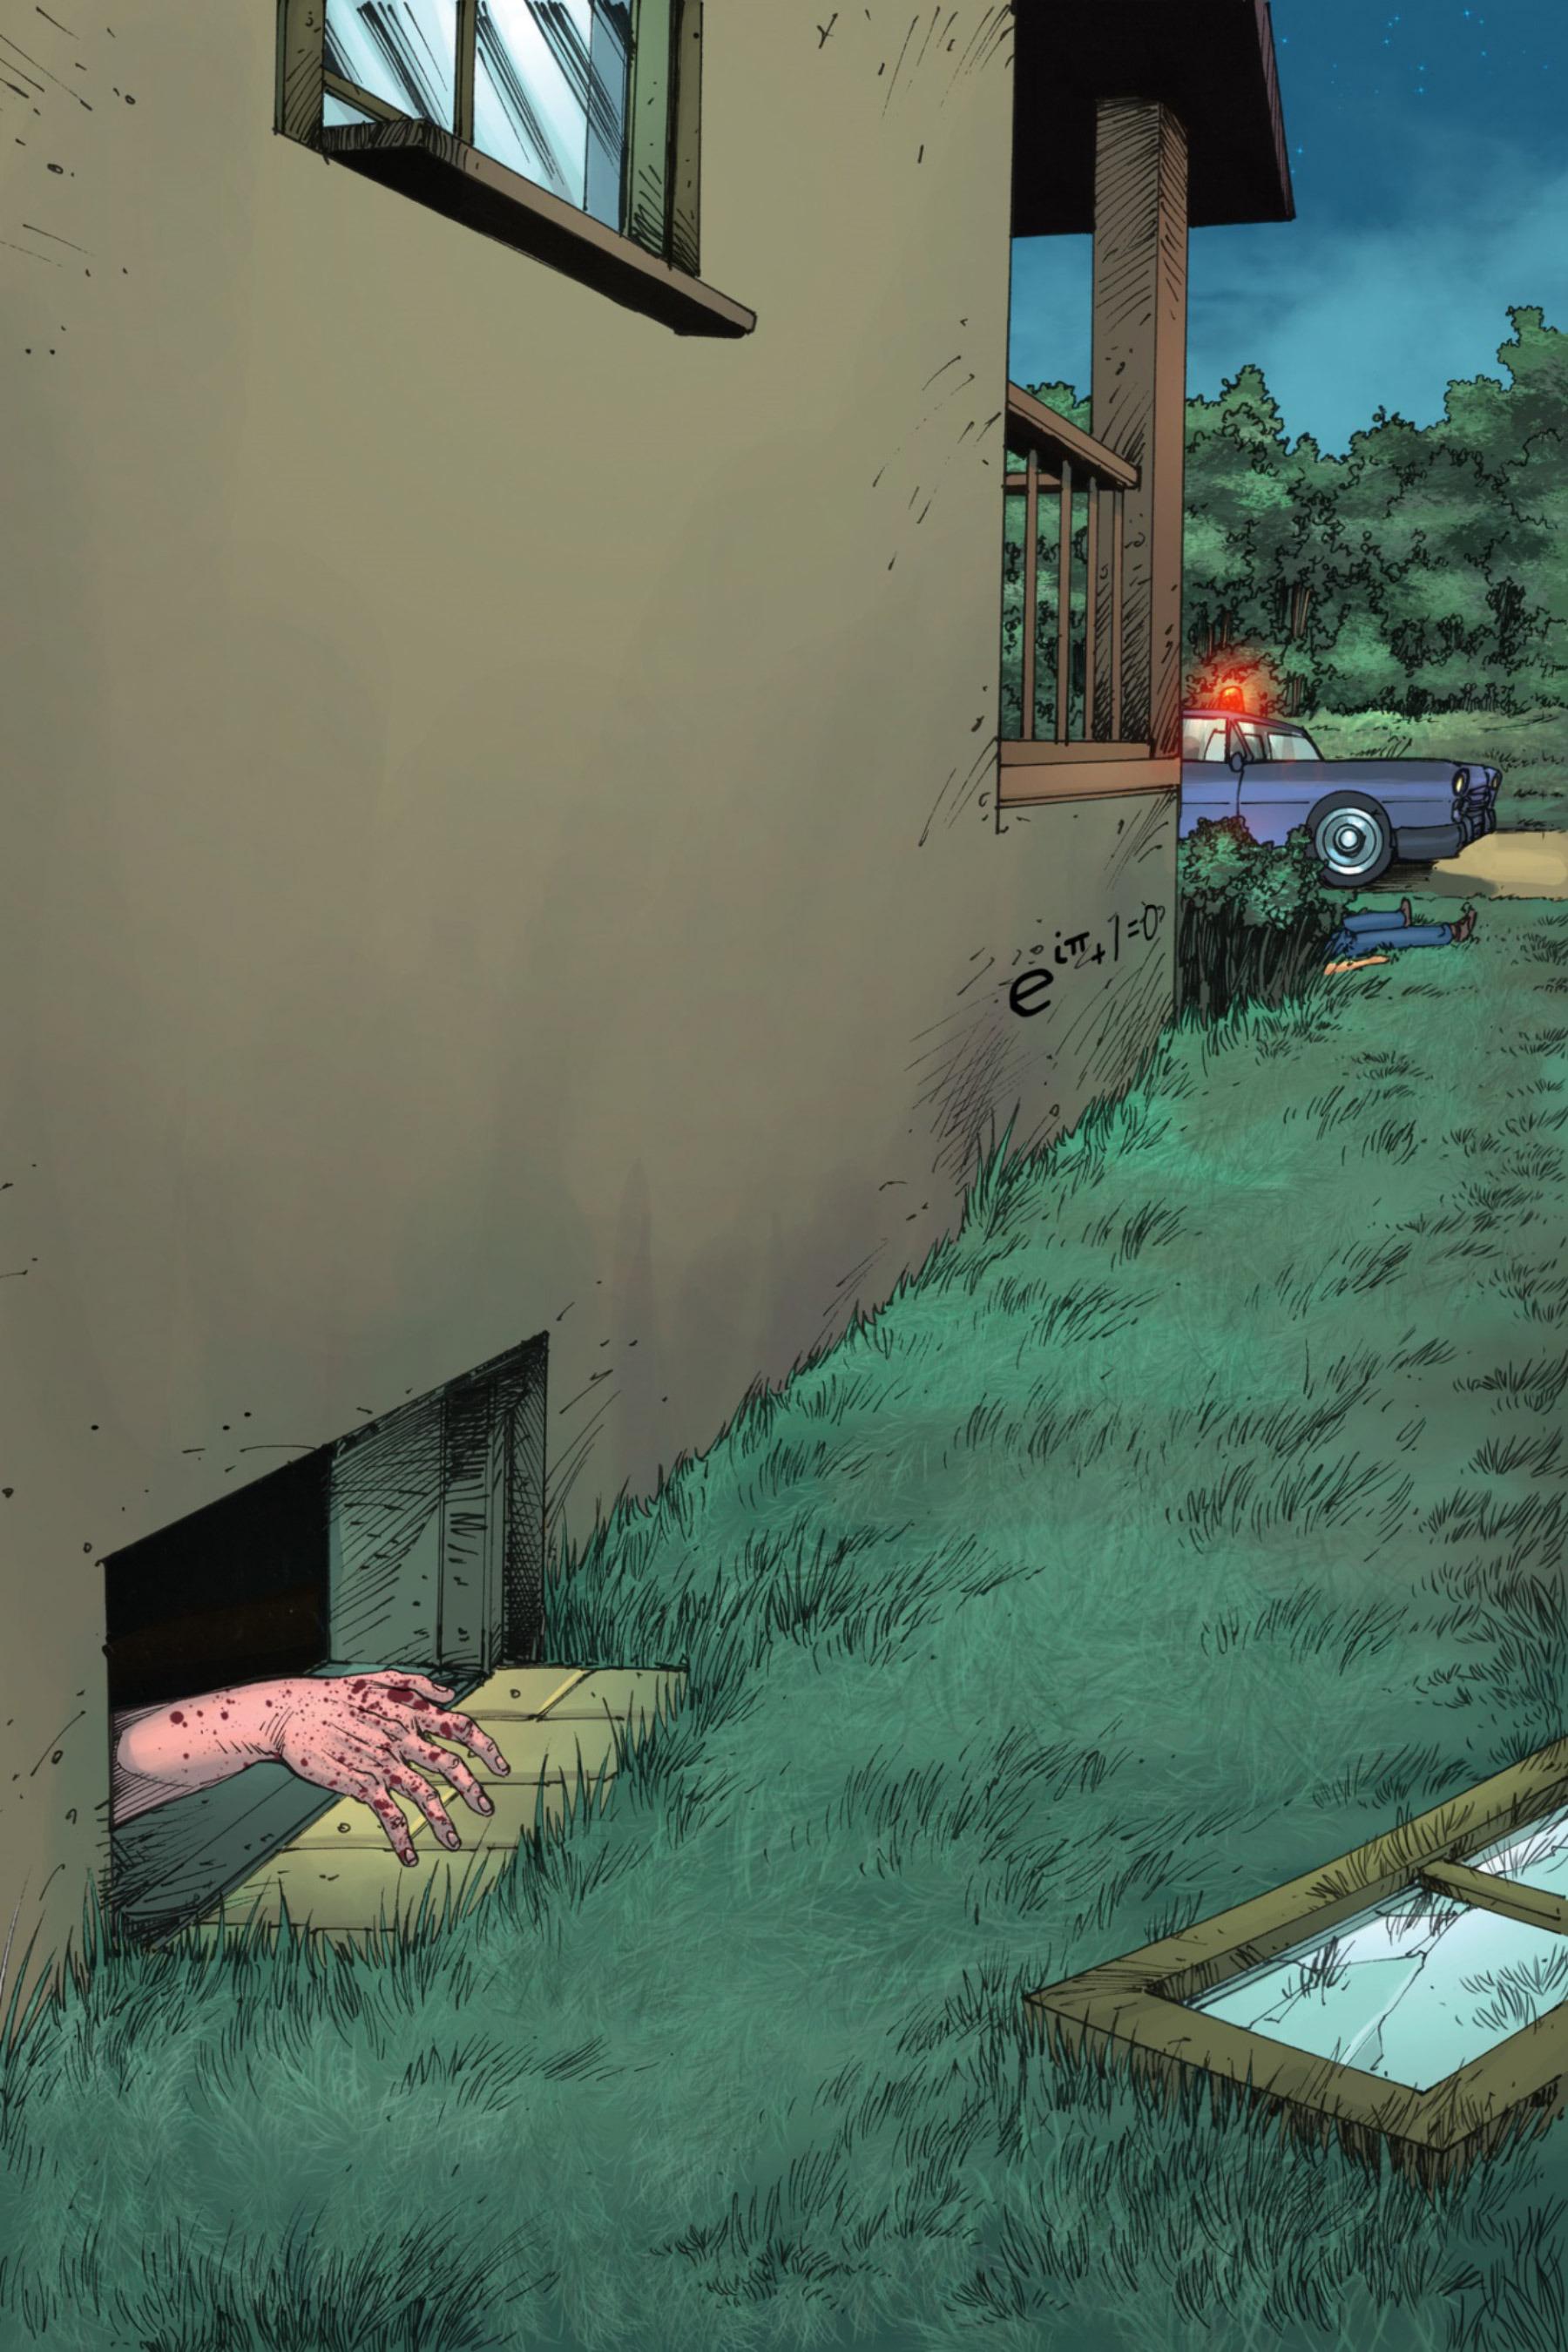 Read online Z-Men comic -  Issue #3 - 127